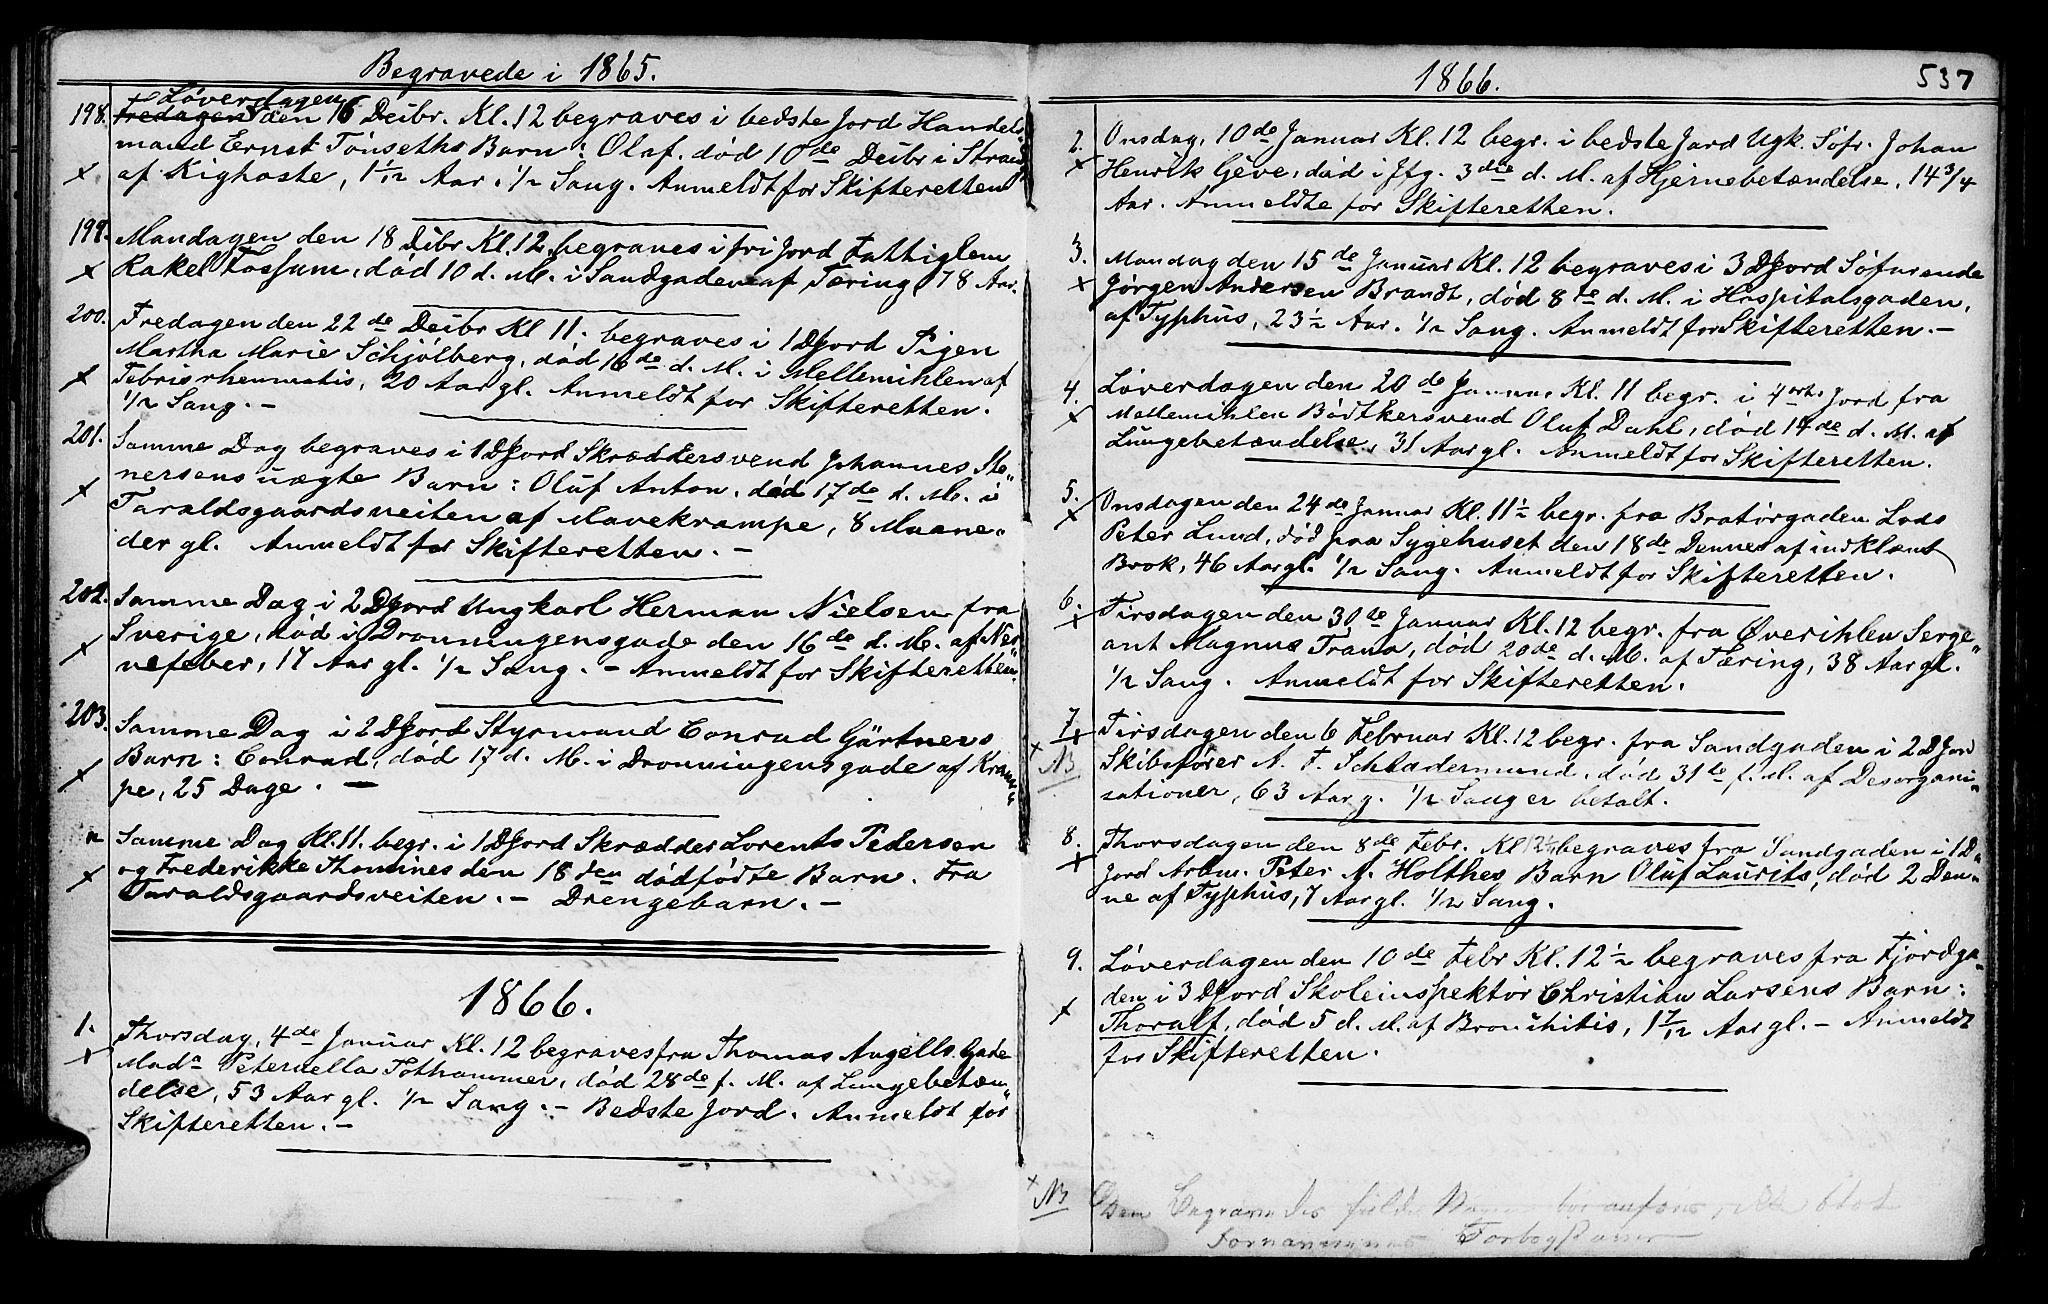 SAT, Ministerialprotokoller, klokkerbøker og fødselsregistre - Sør-Trøndelag, 602/L0140: Klokkerbok nr. 602C08, 1864-1872, s. 536-537